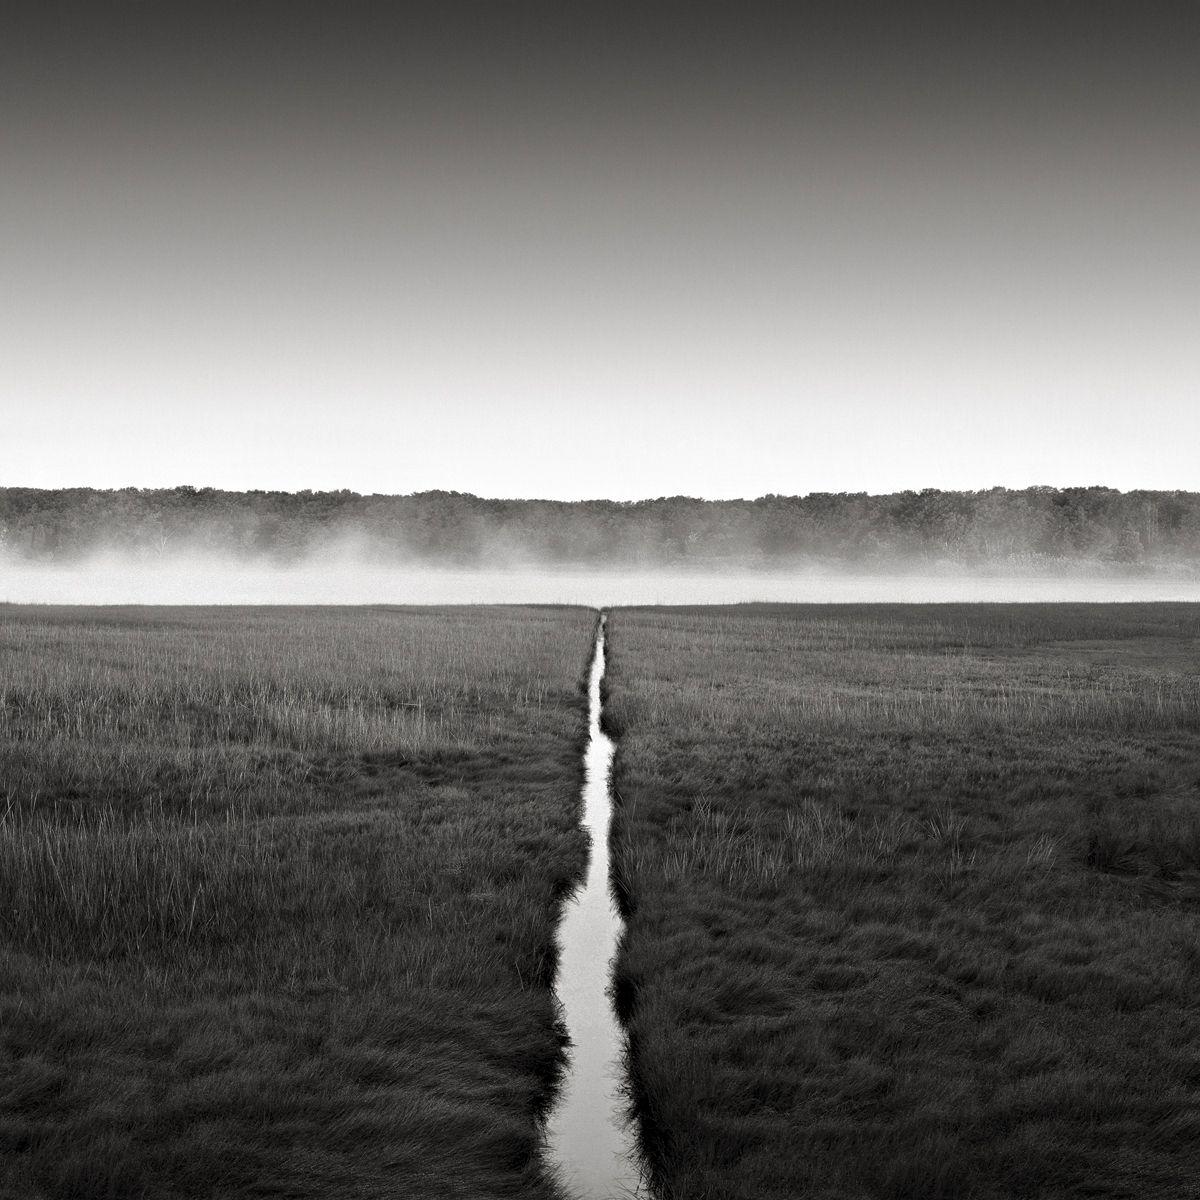 David Fokos, Canal, Oak Bluffs, Massachusetts 2000, 2000